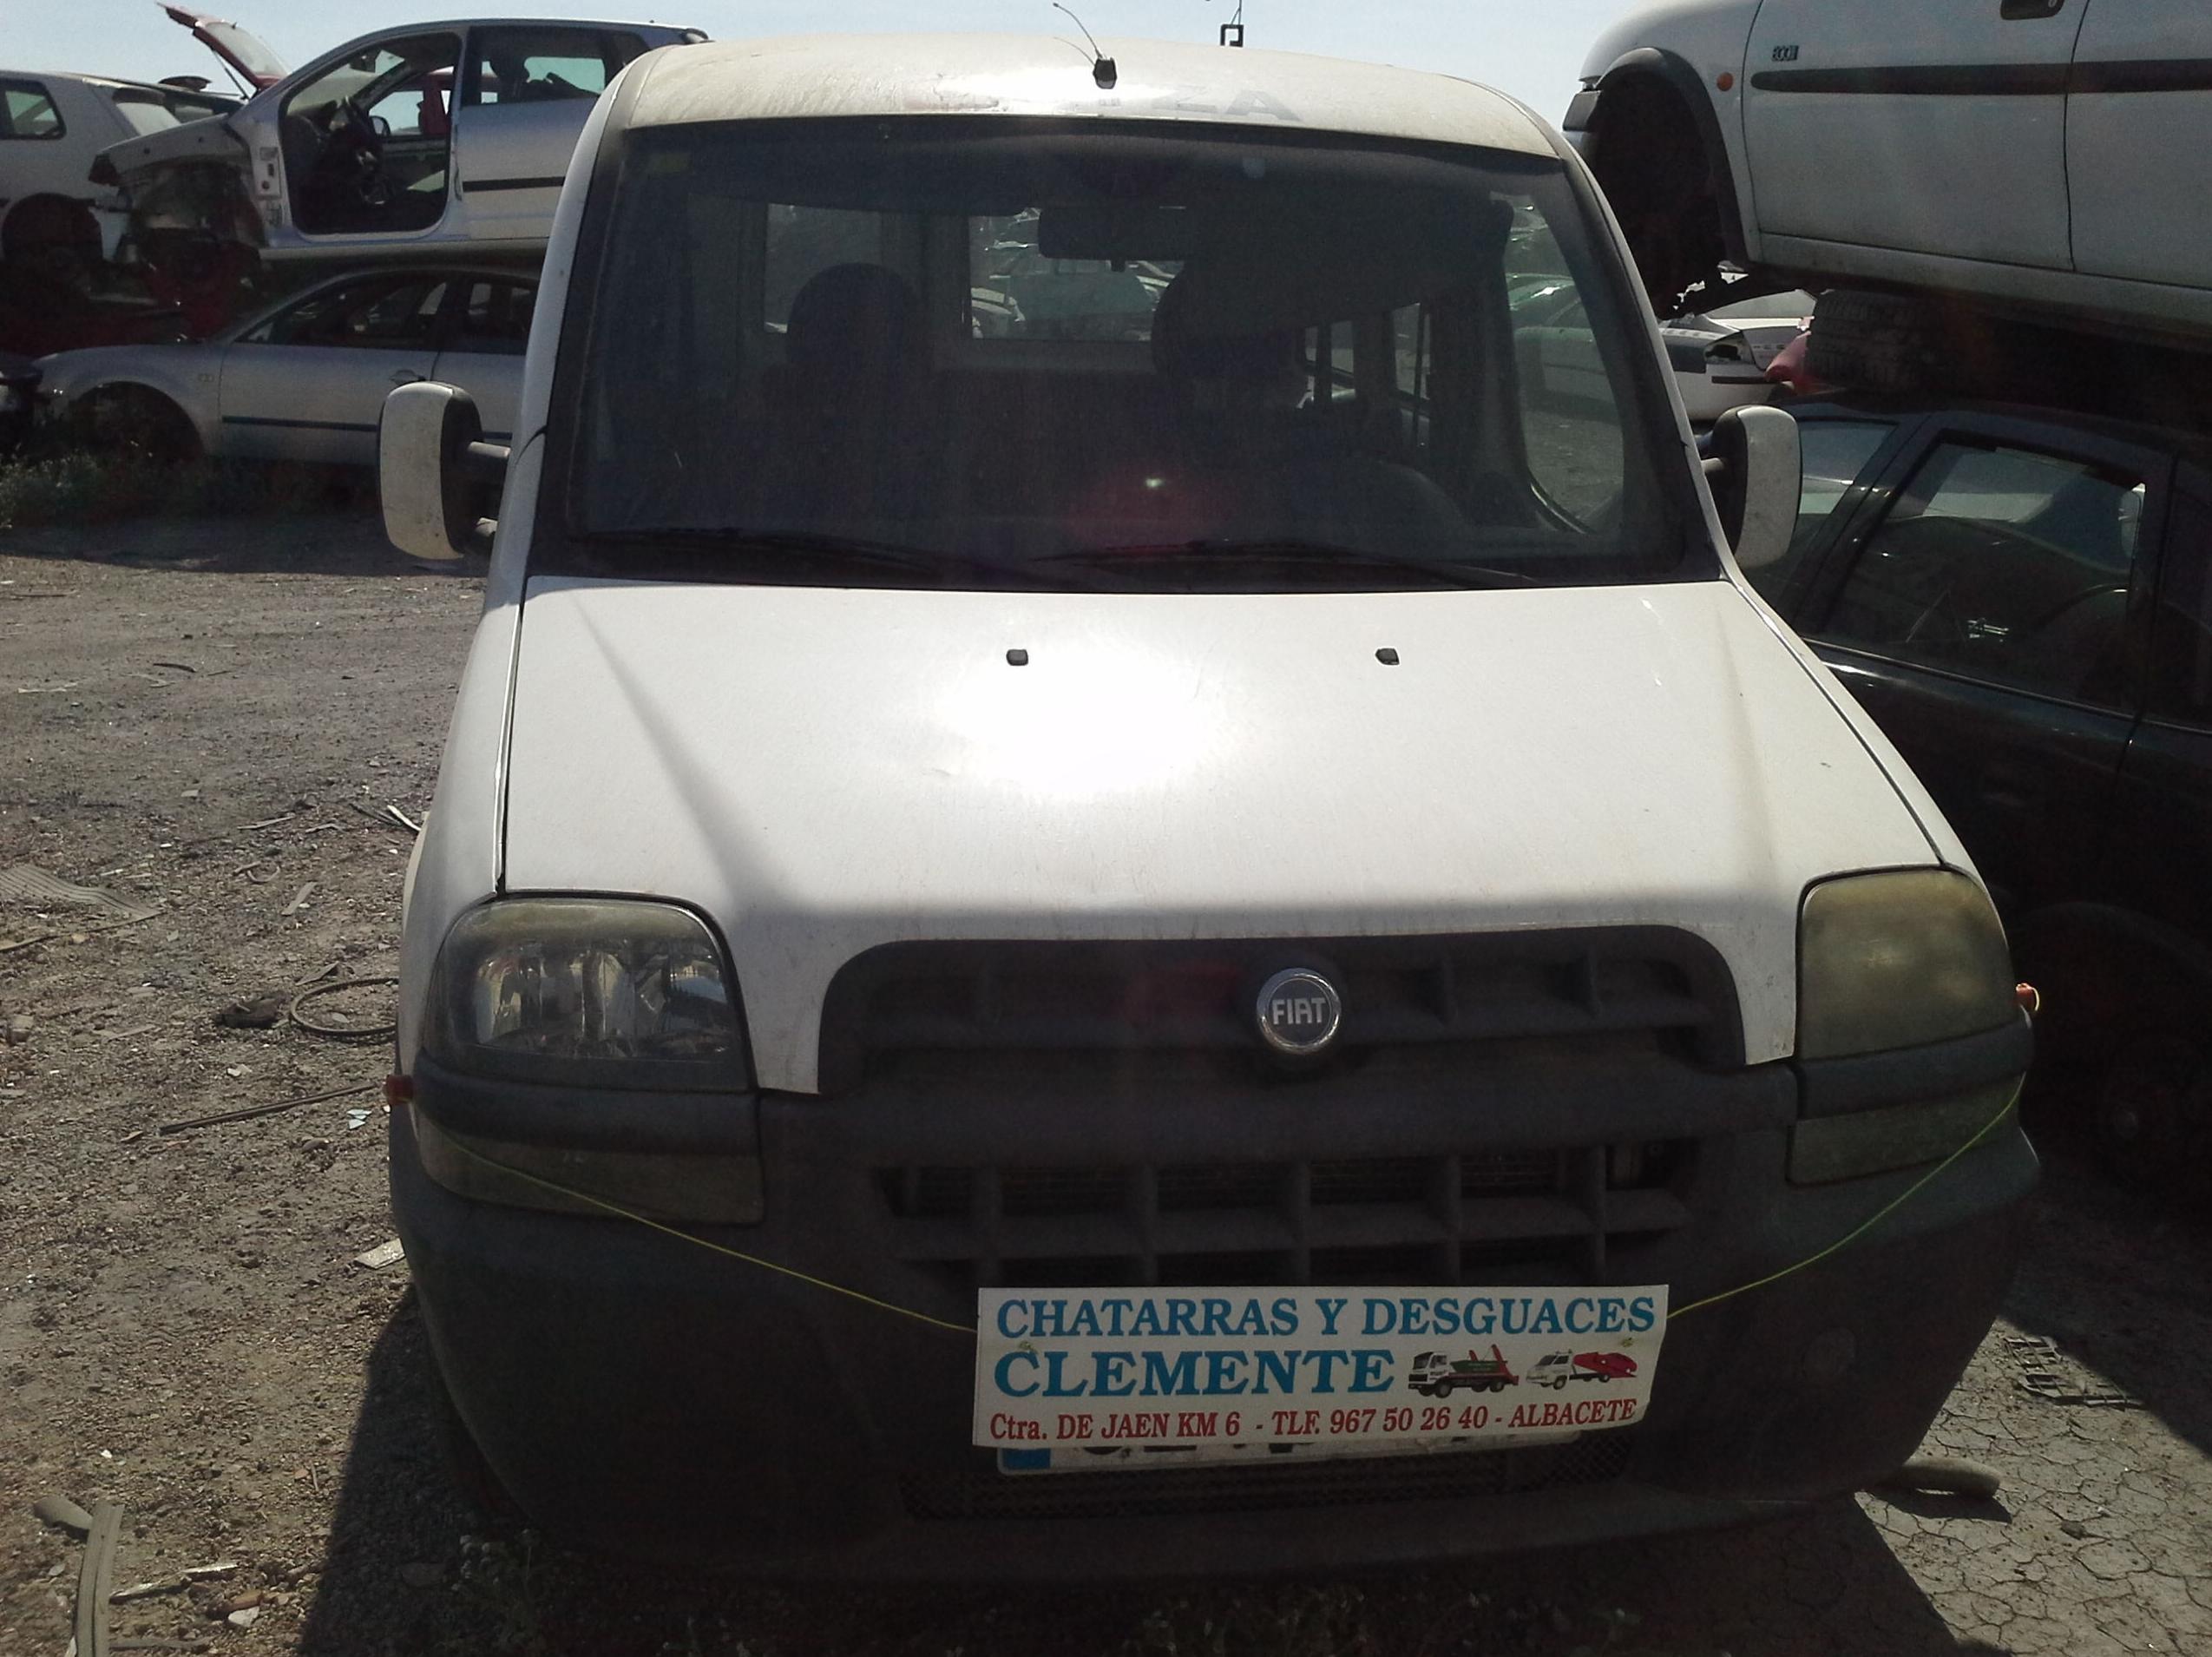 Fiat Doblo en Desguaces Clemente de Albacete